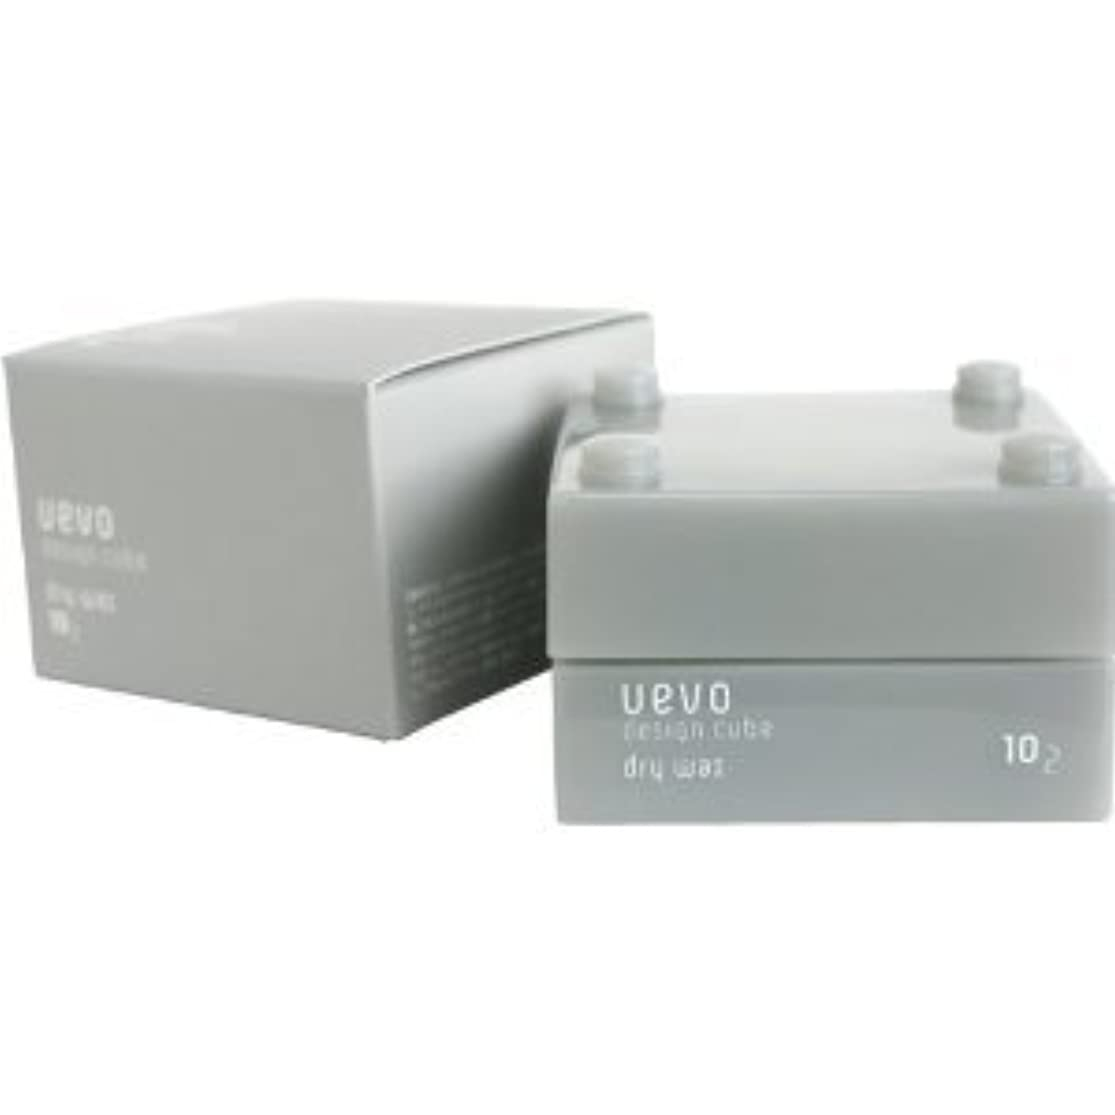 エトナ山創造メタン【X2個セット】 デミ ウェーボ デザインキューブ ドライワックス 30g dry wax DEMI uevo design cube